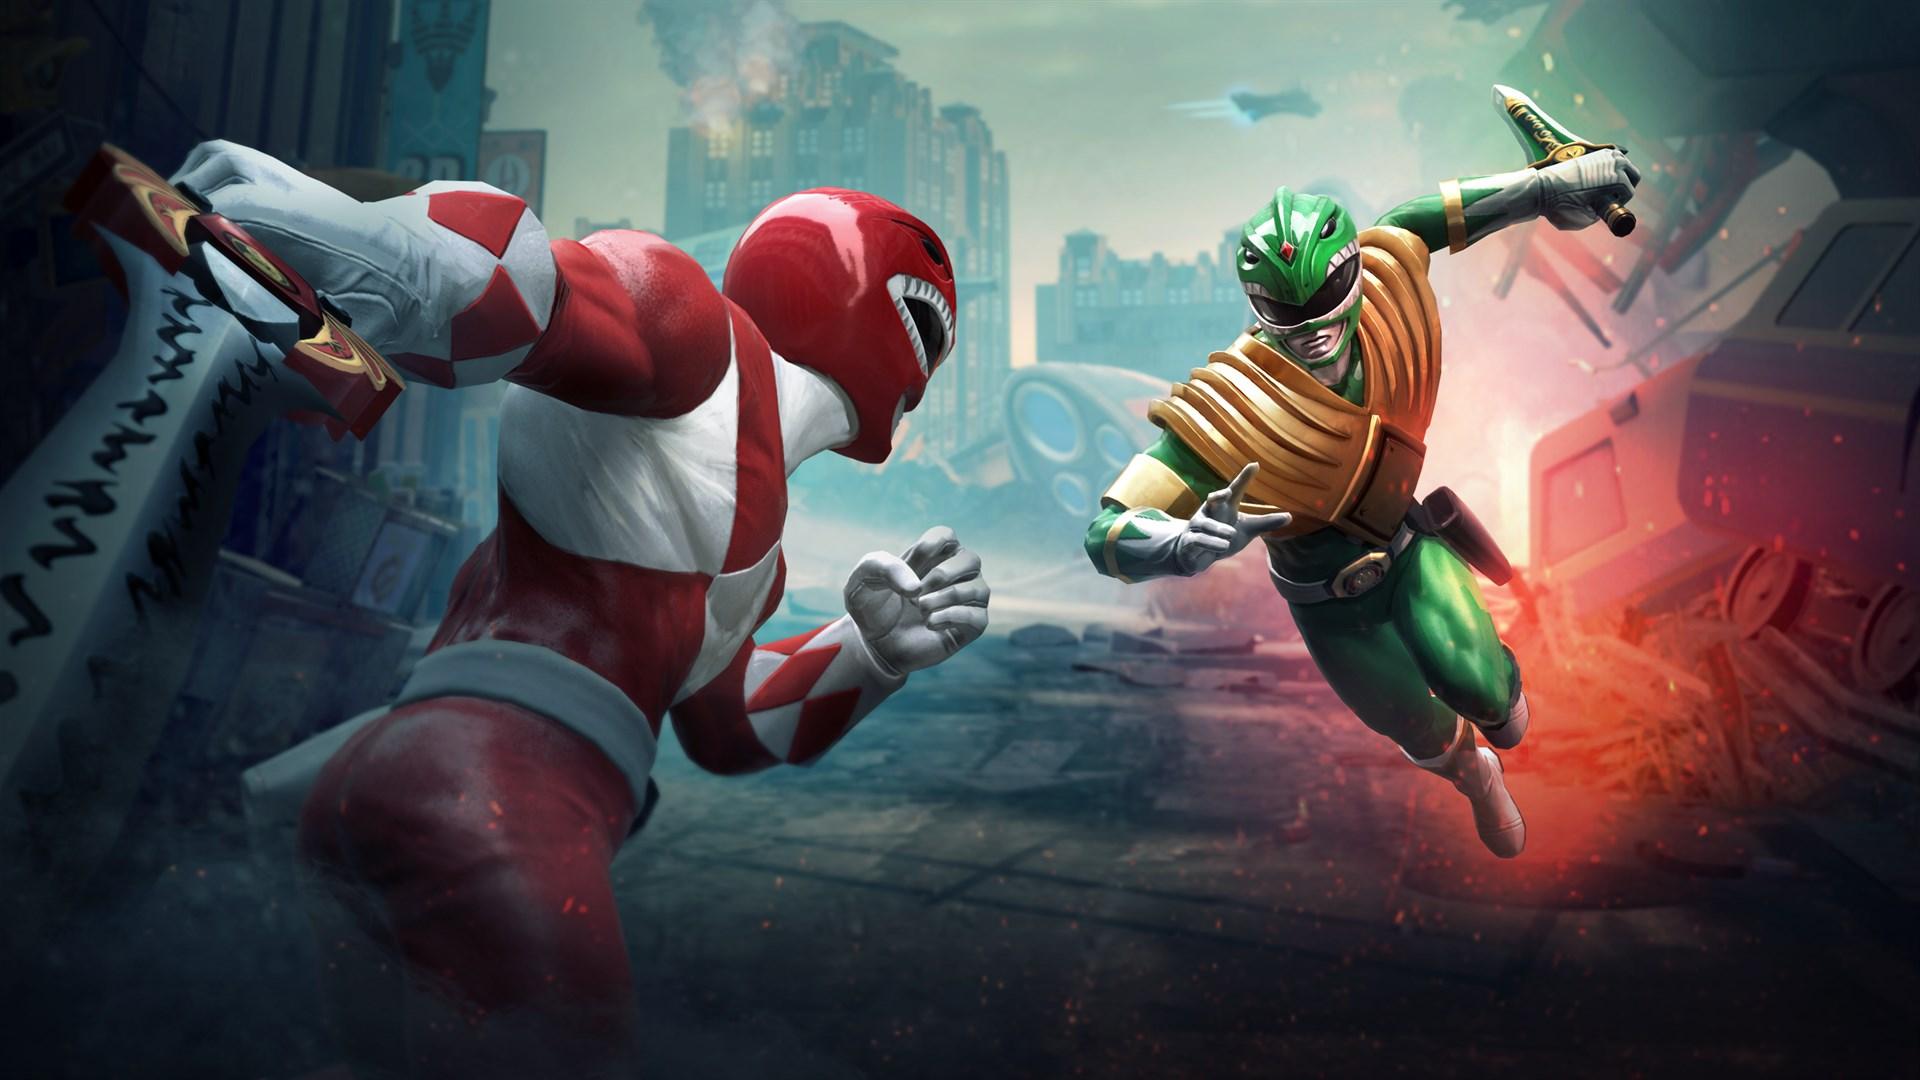 Power Rangers: Battle for the Grid станет первым файтингом с кроссплатформенным мультиплеером на 5 платформ